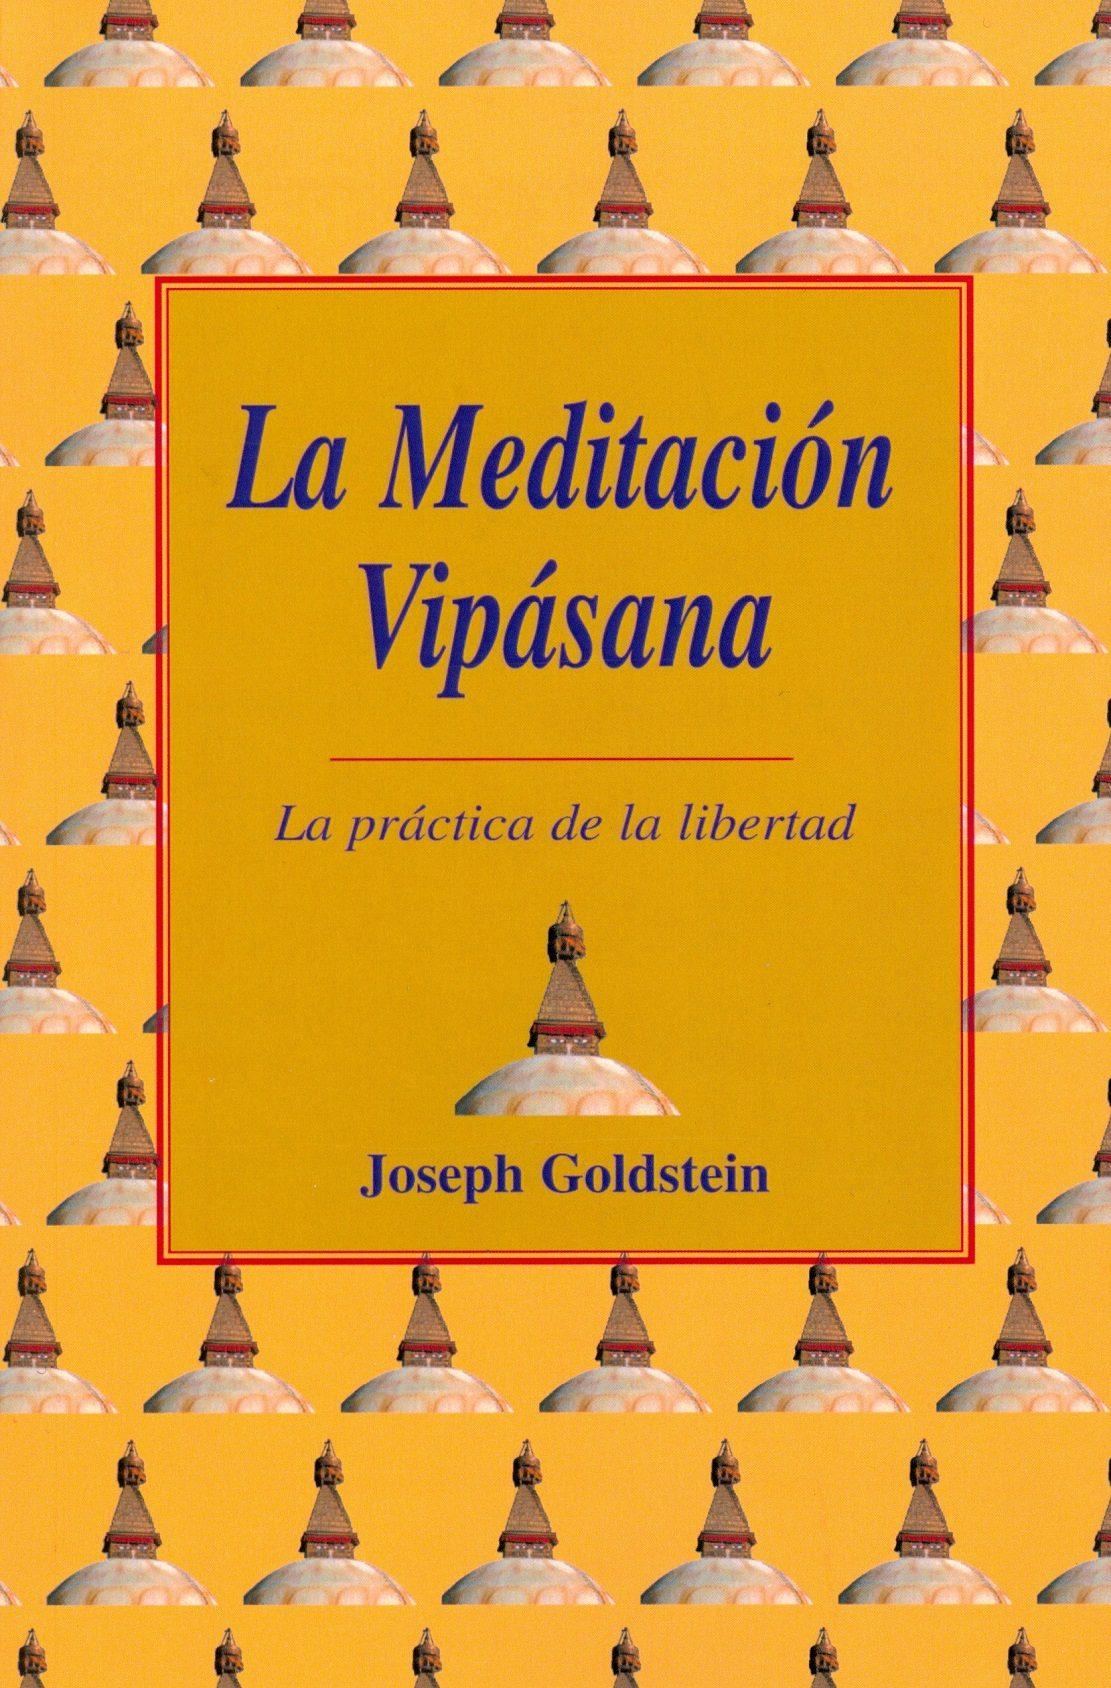 La Meditacion Vipasana: La Practica De La Libertad (2ª Ed.) por Joseph F. Goldberg;                                                                                    Joseph Goldstein epub